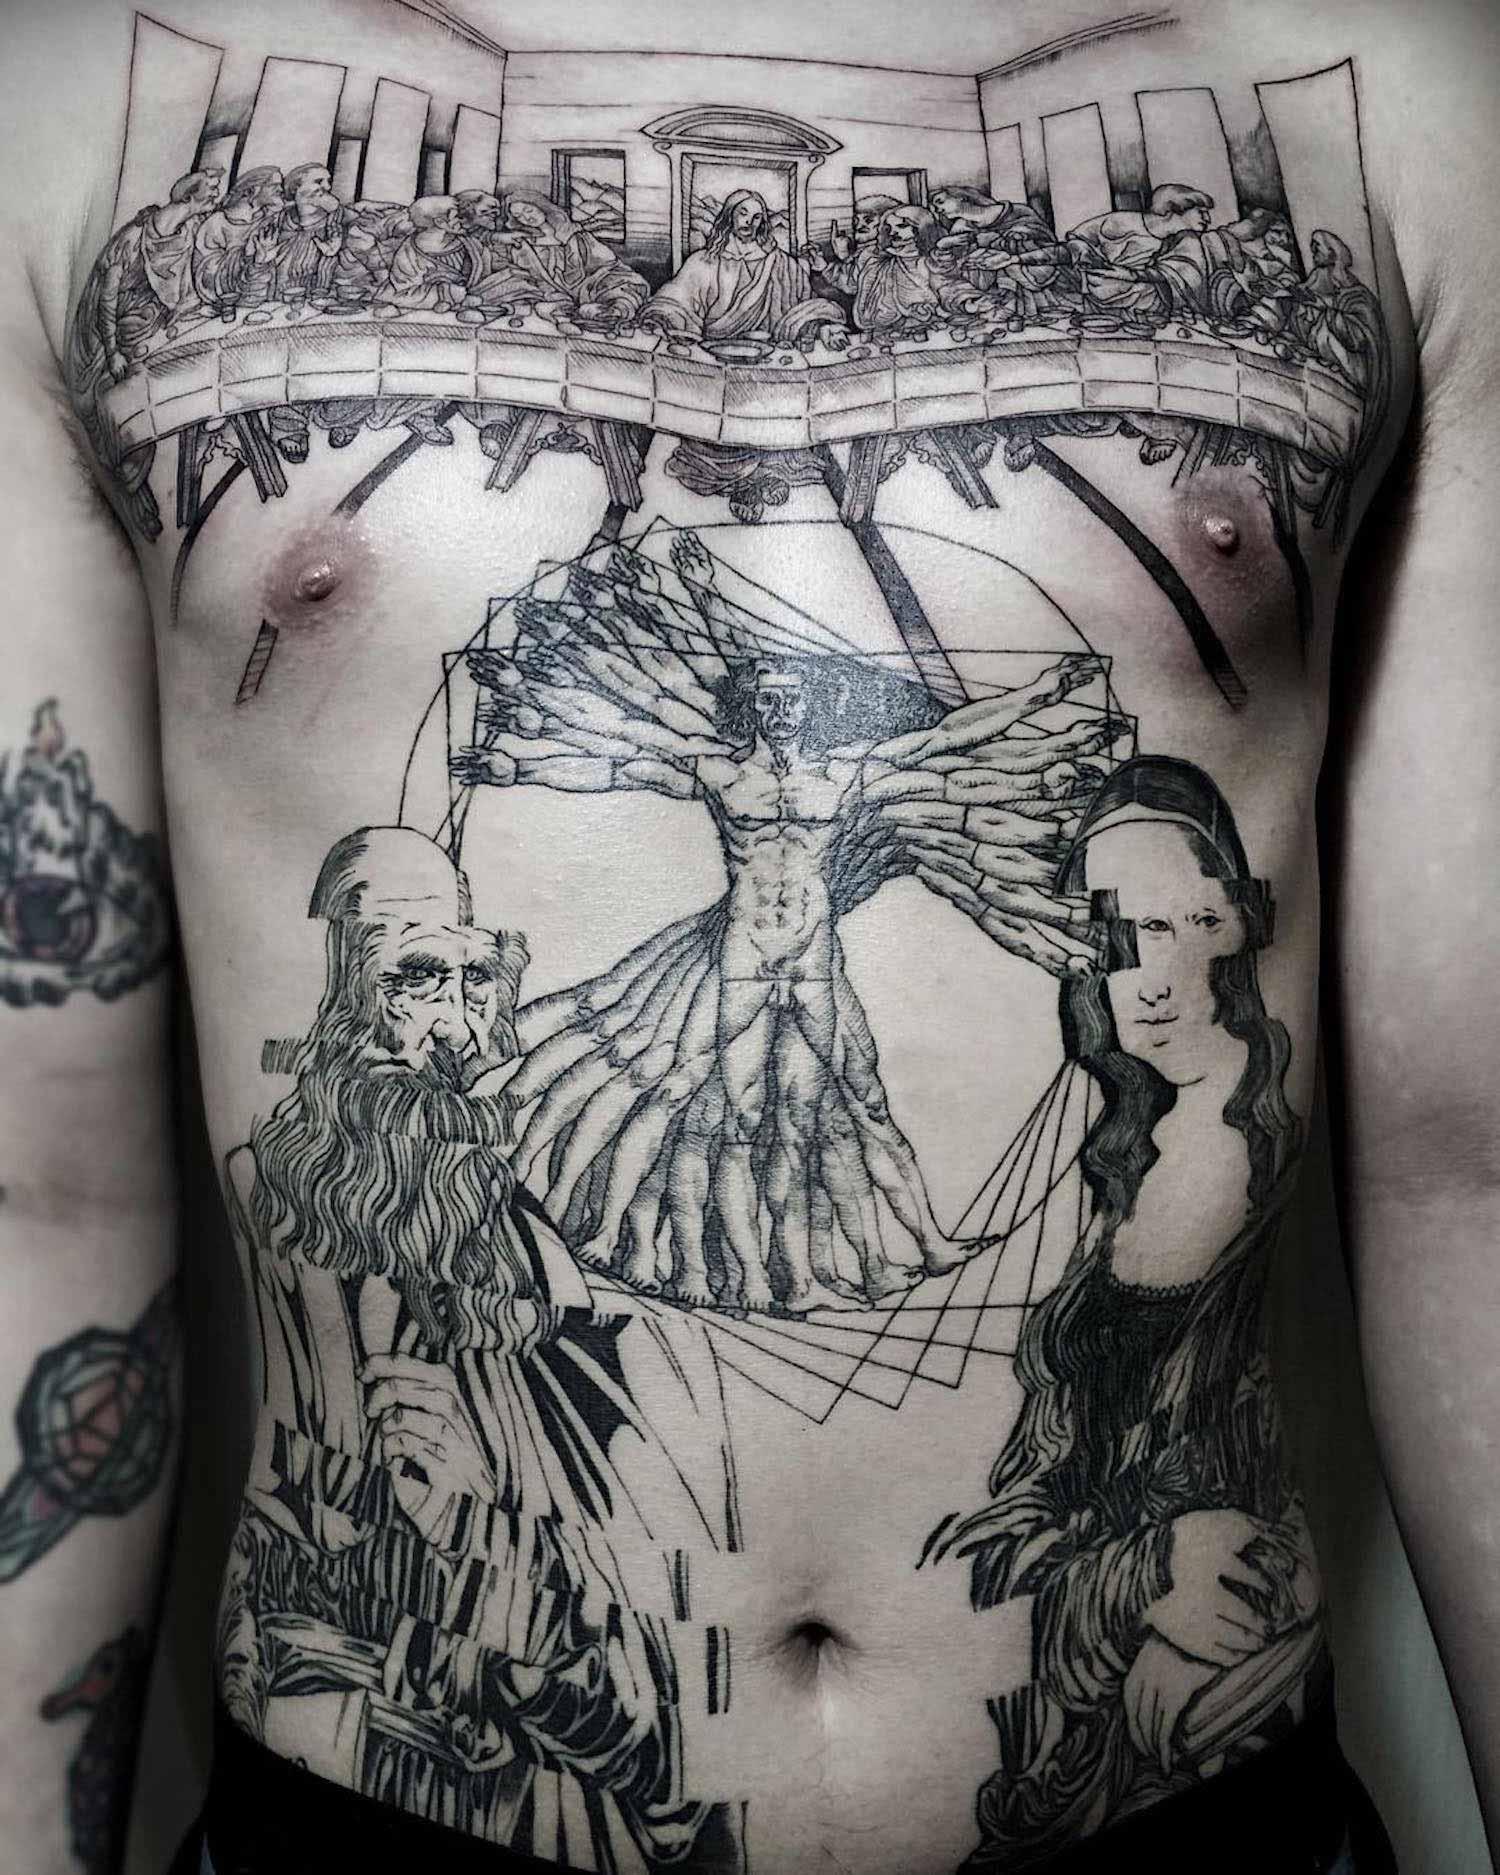 Da Vinci paintings as tattoos by Oozy